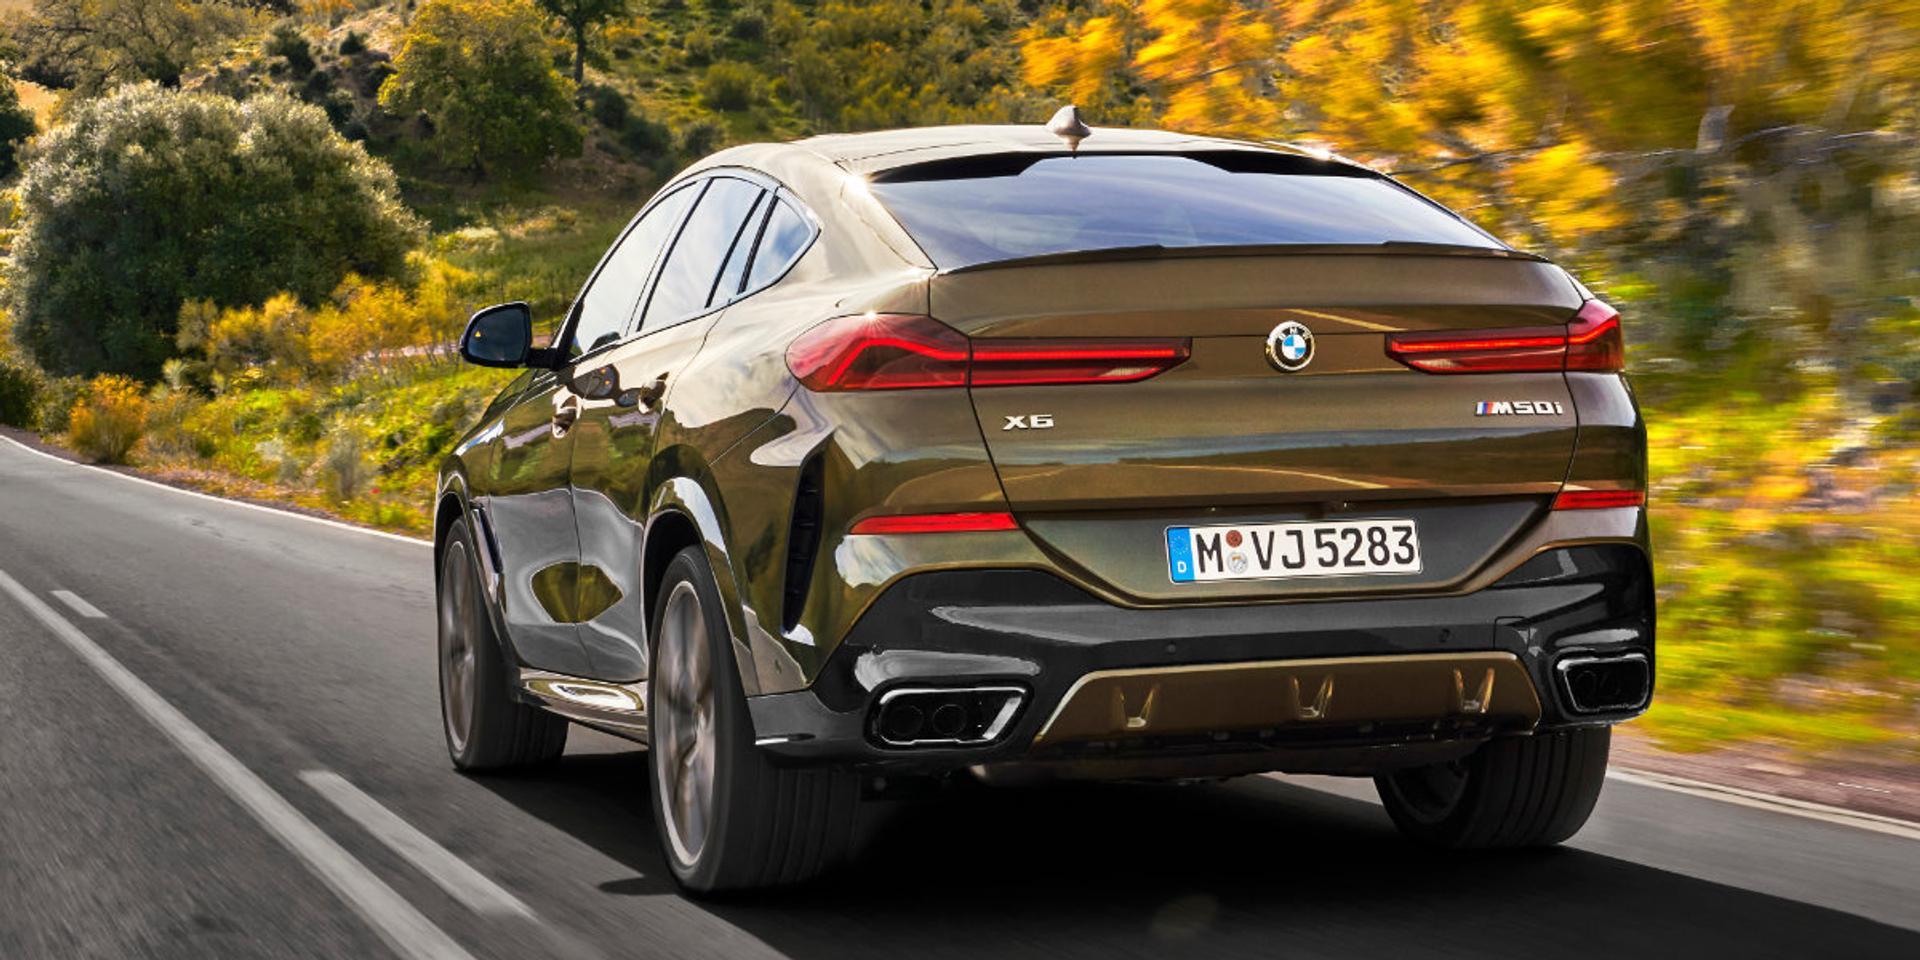 BMW X6 rear view